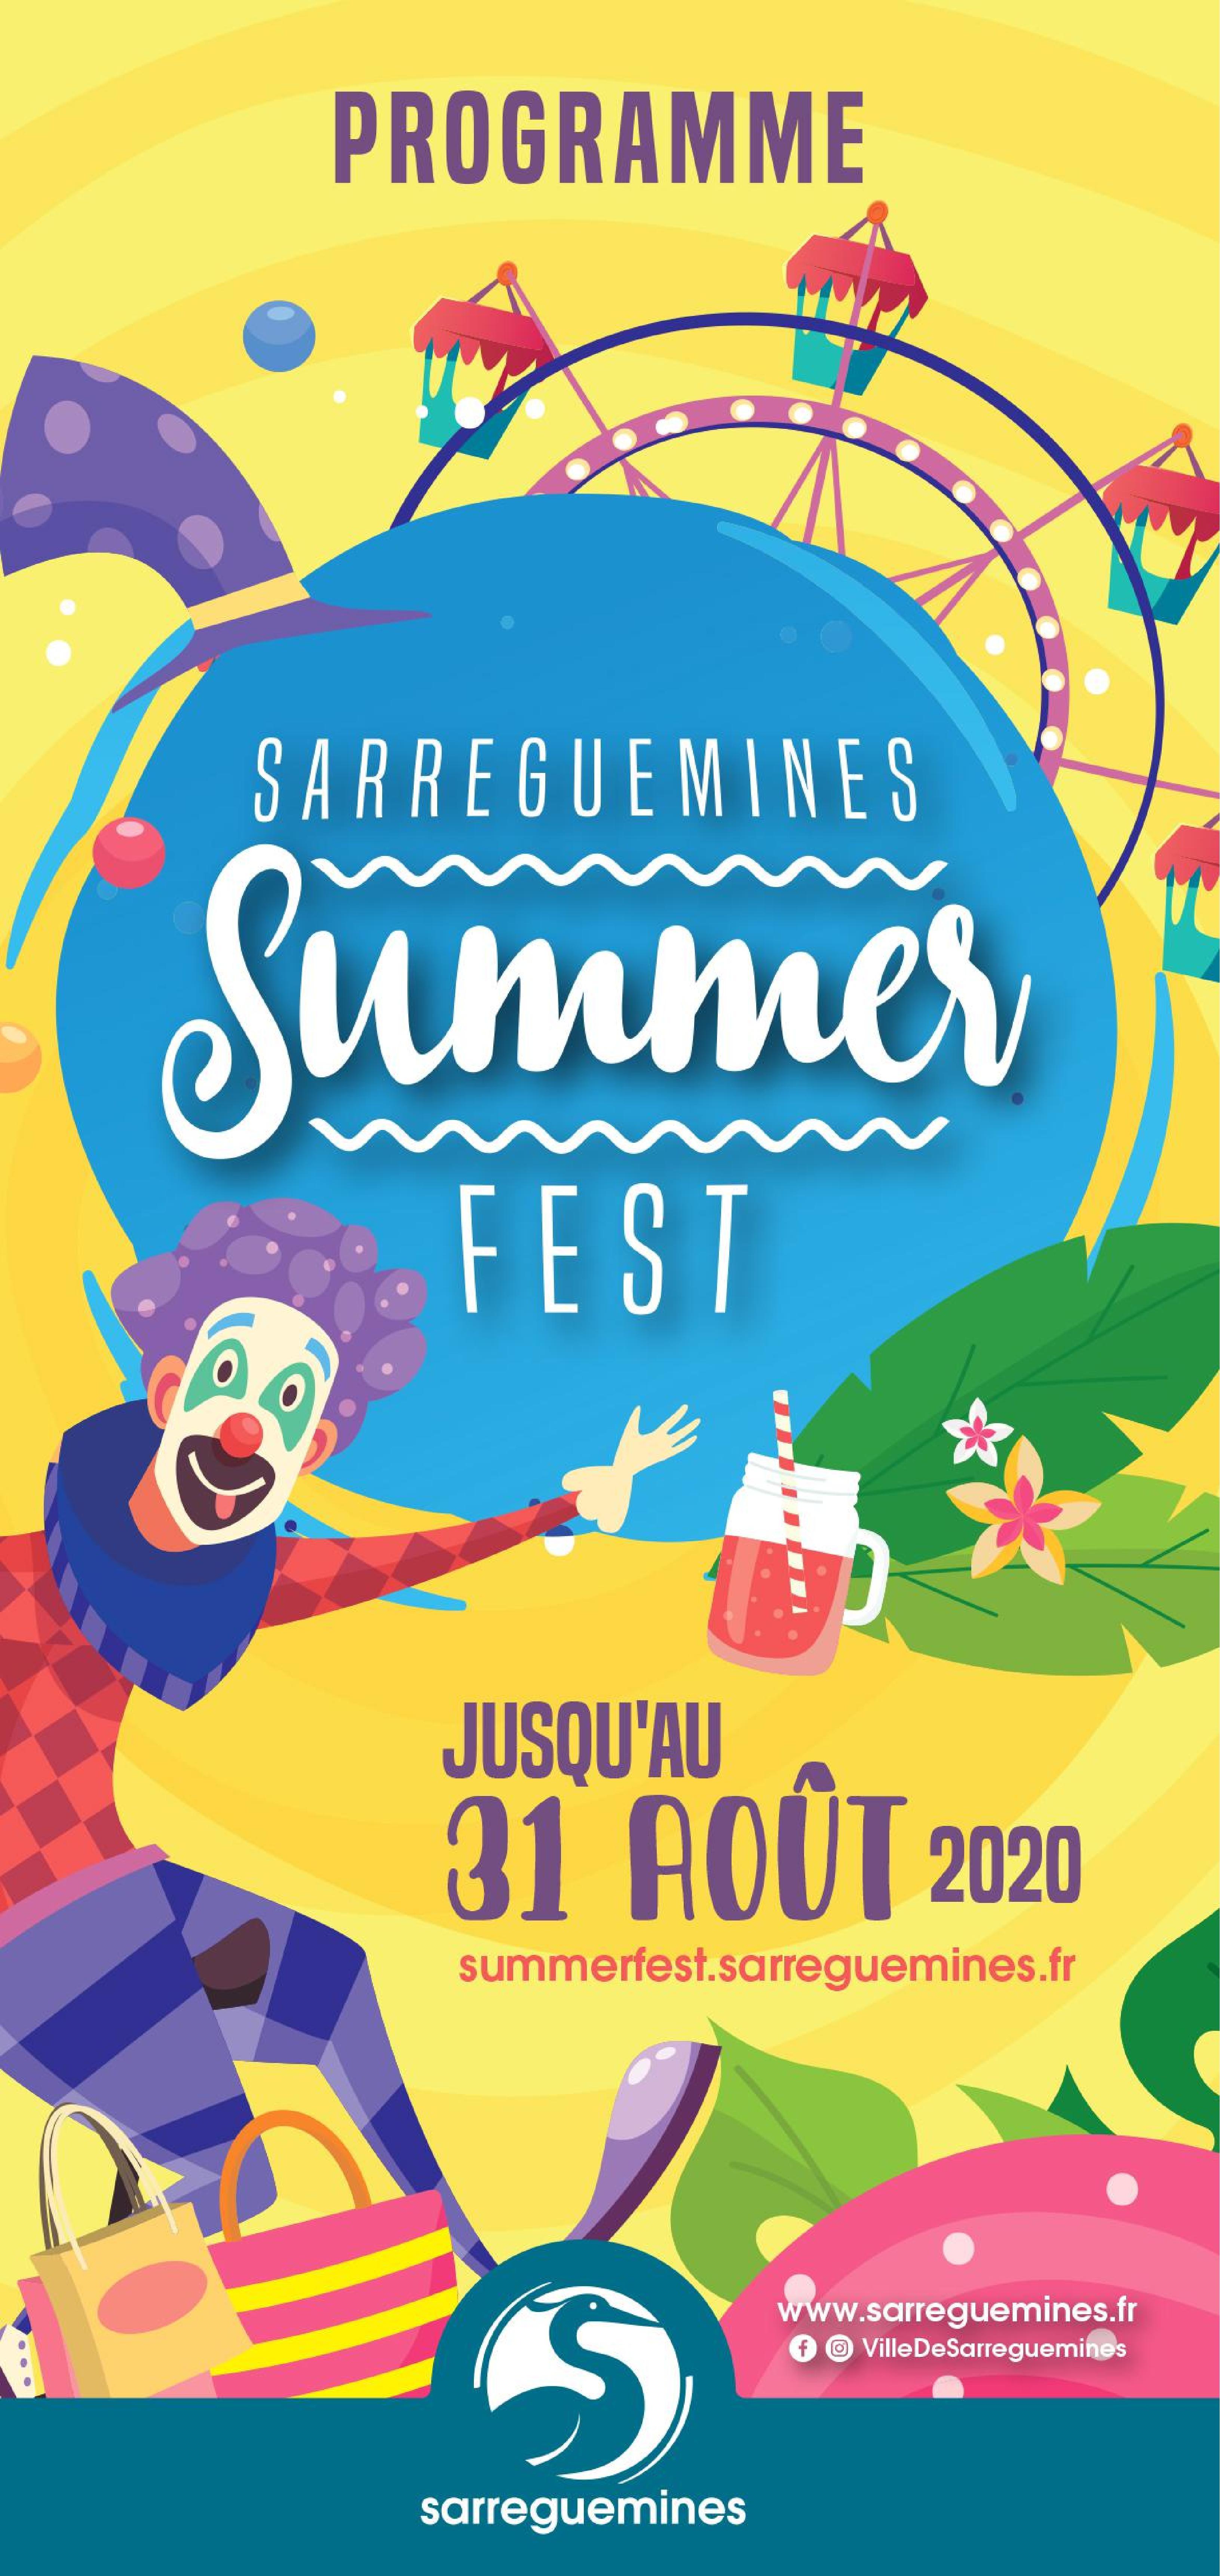 Summer Fest Sarreguemines 2020 grande roue, spectacles, musique, sport, théâtre, déambulations et fanfares